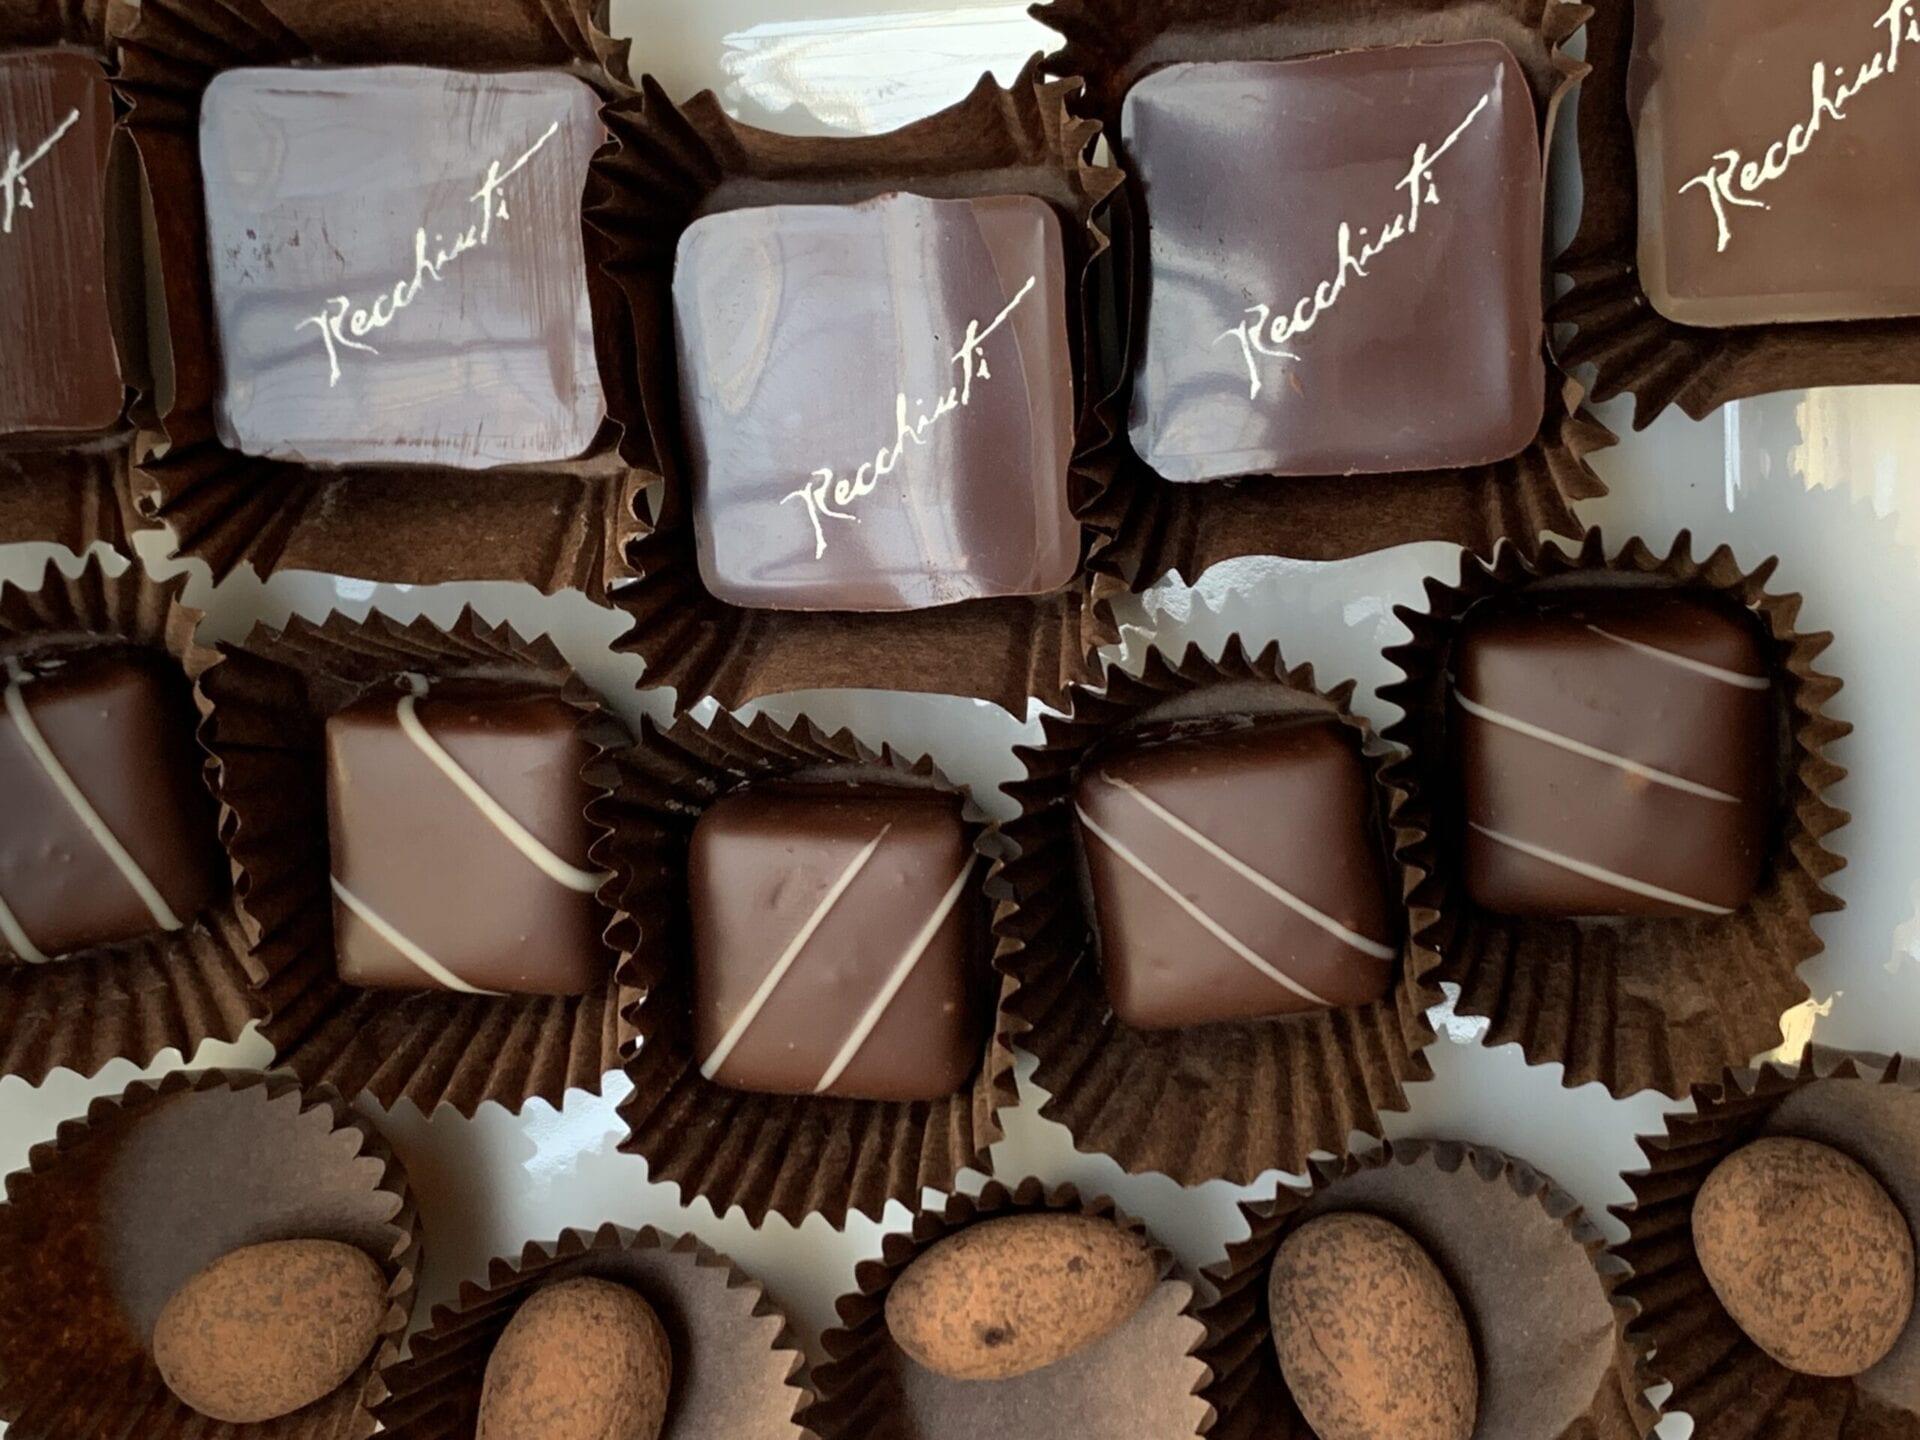 Recchiuti Chocolates